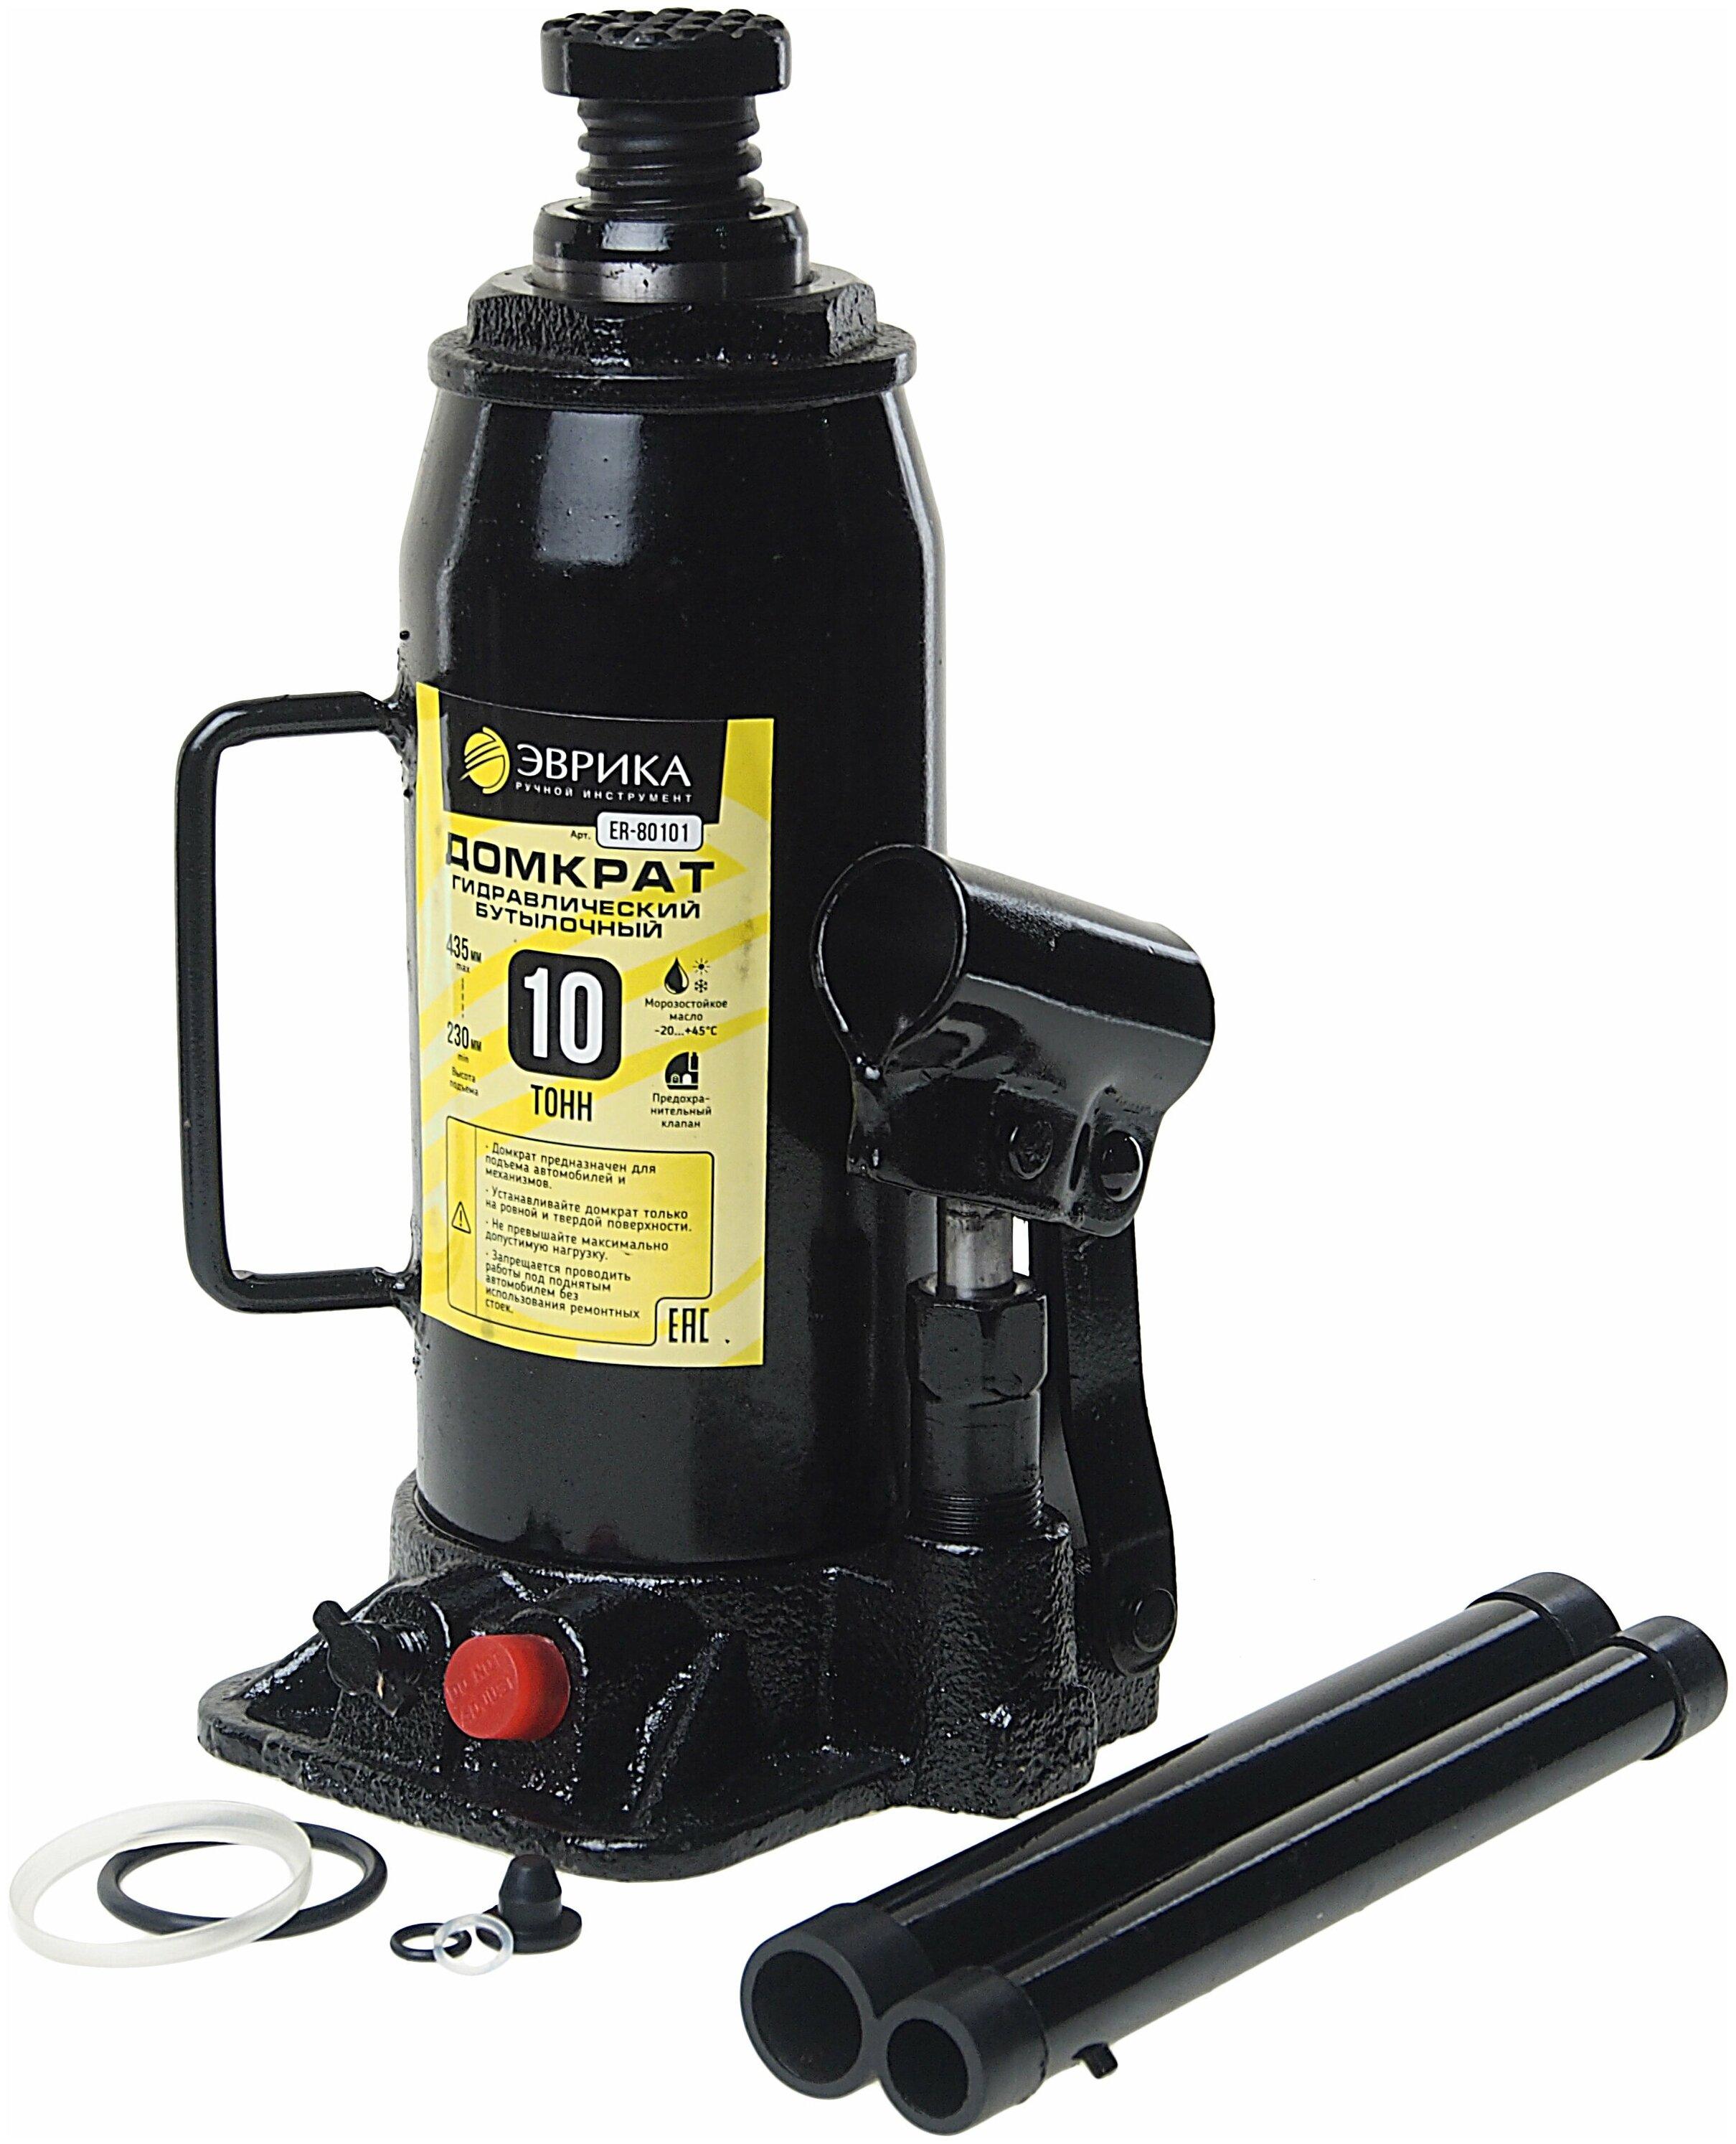 Домкрат гидравлический ER-80101 бутылочный с клапаном 10т, ремкомплект (выс. подъема 230-435мм) ЭВРИКА — купить по выгодной цене на Яндекс.Маркете